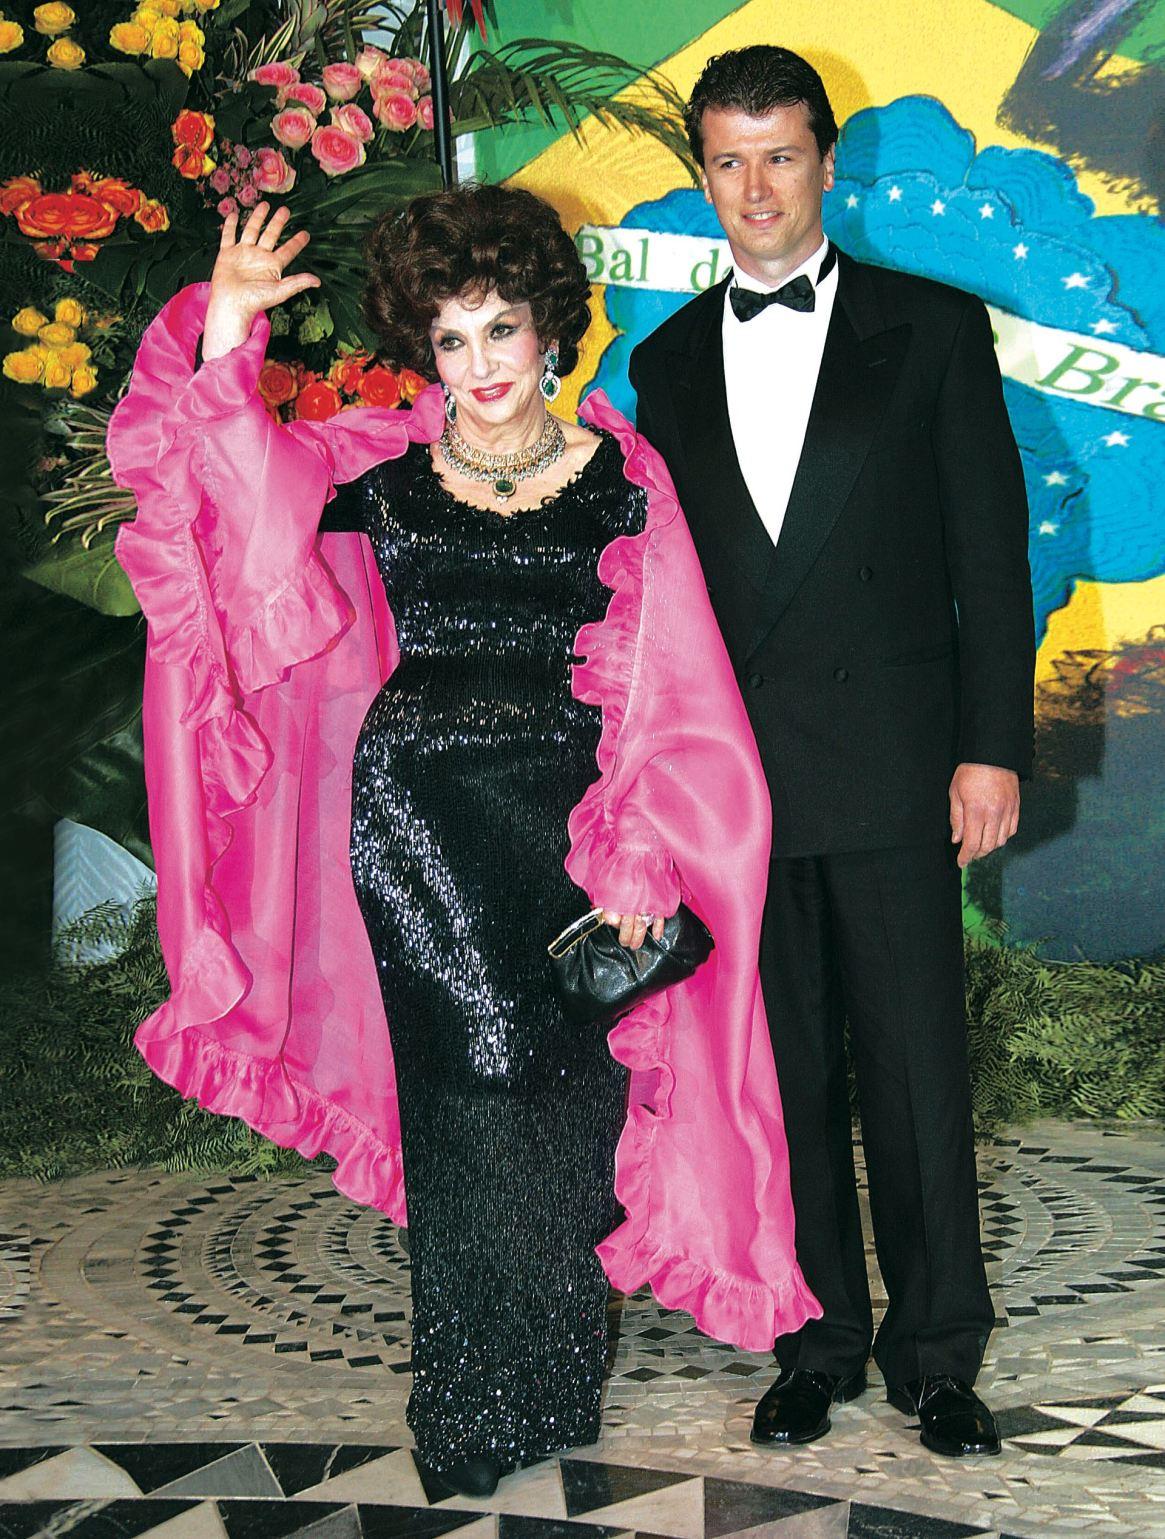 Trece años atrás, Gina se mostraba feliz, a sus 78 años, junto a Jaime, quien entonces tenía 44.